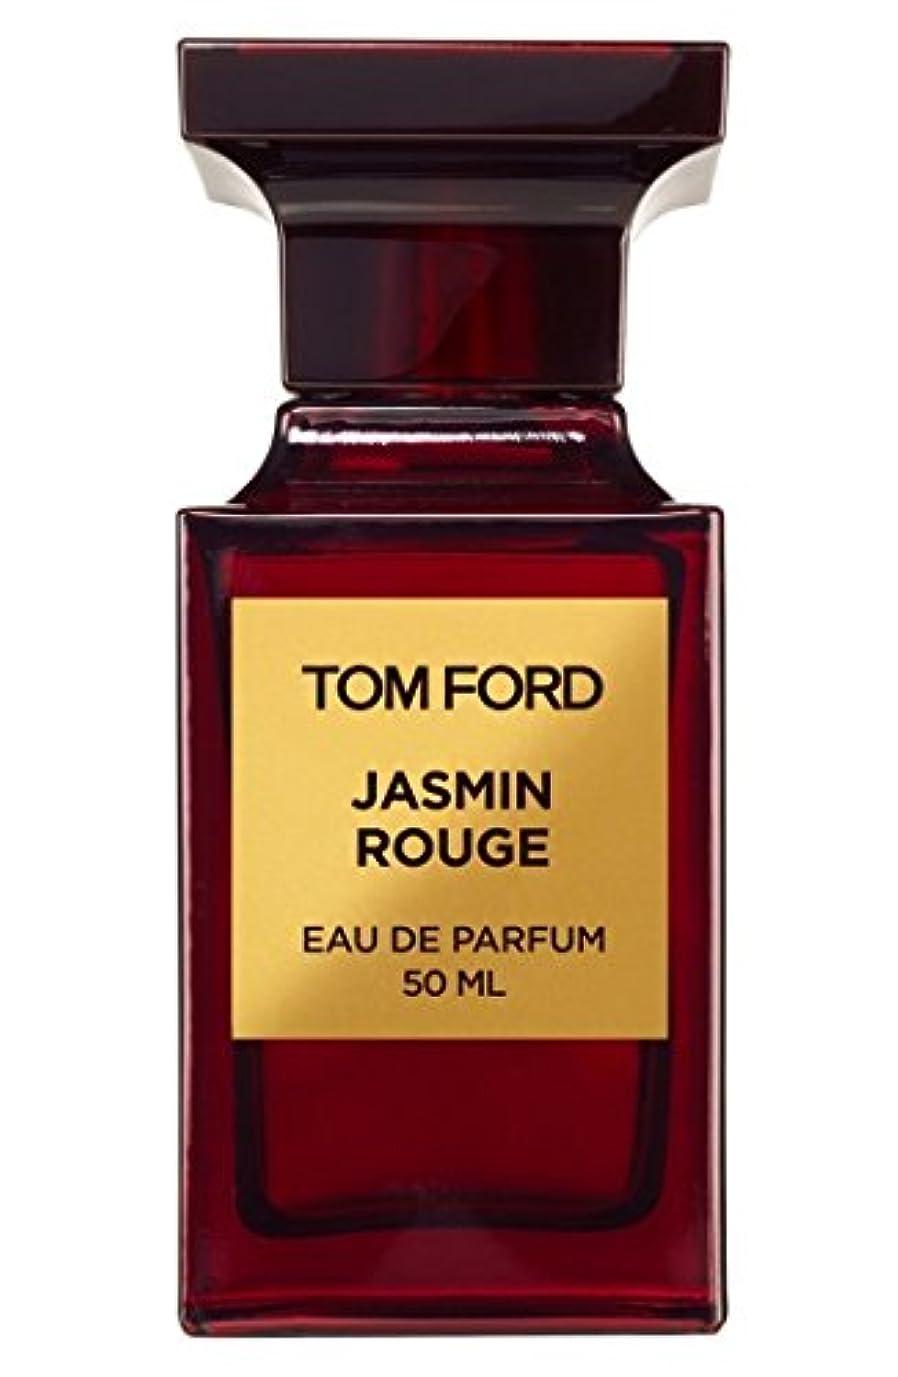 物理的な甘味位置づけるトム フォード プライベートブレンド ジャスミン ルージュ EDP SP 50ml/1.7oz[並行輸入品]